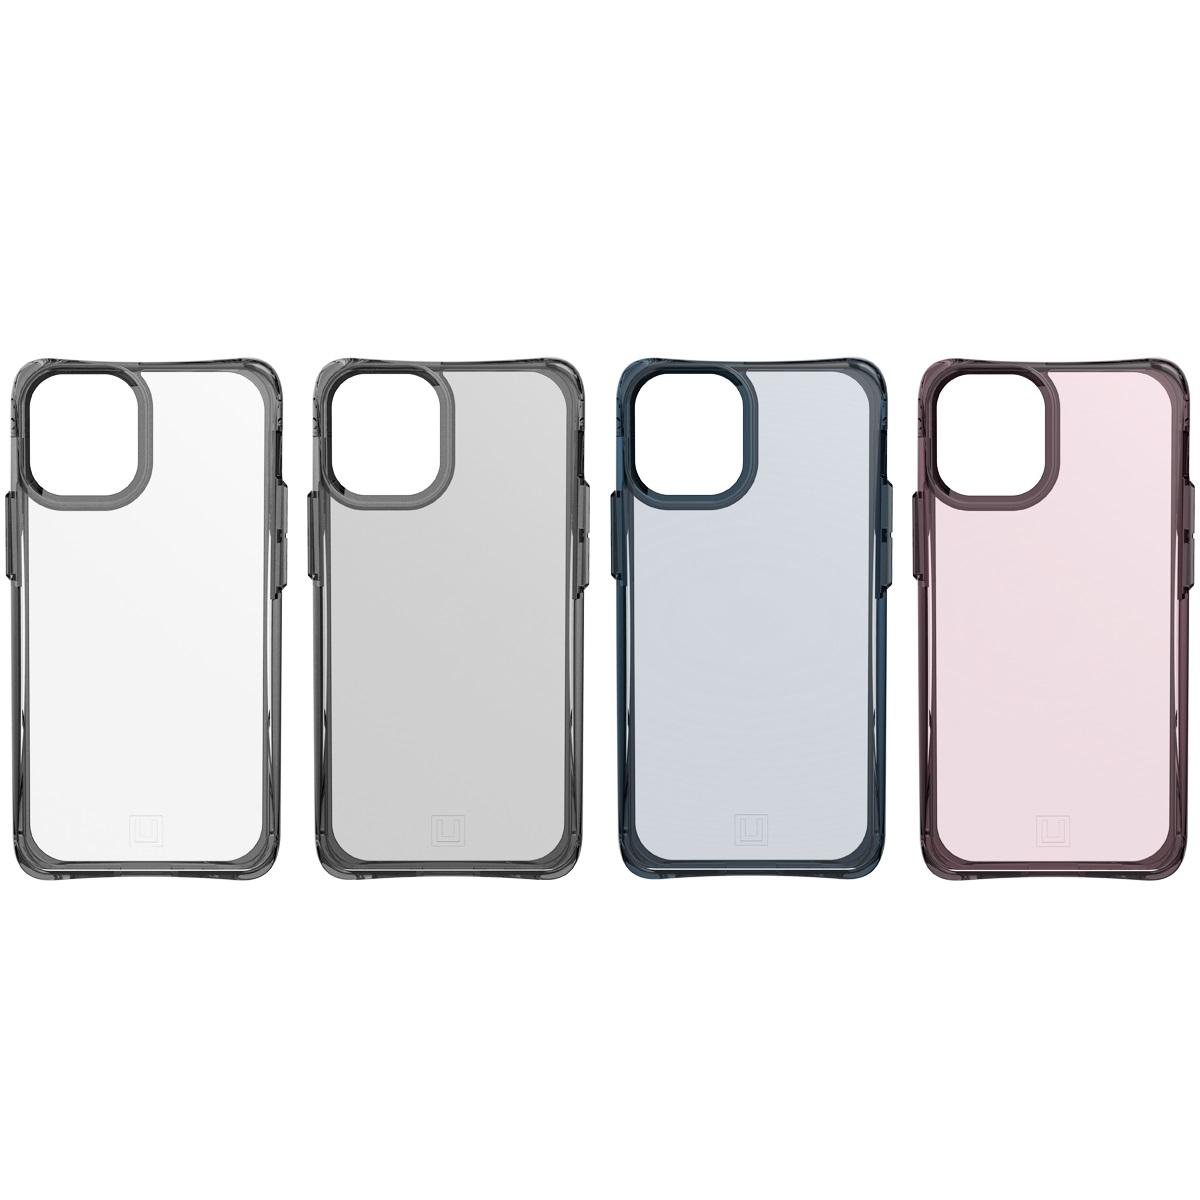 U by UAG iPhone 12 mini用 MOUVEケース 全4色 耐衝撃 UAG-UIPH20SYシリーズ 5.4インチ